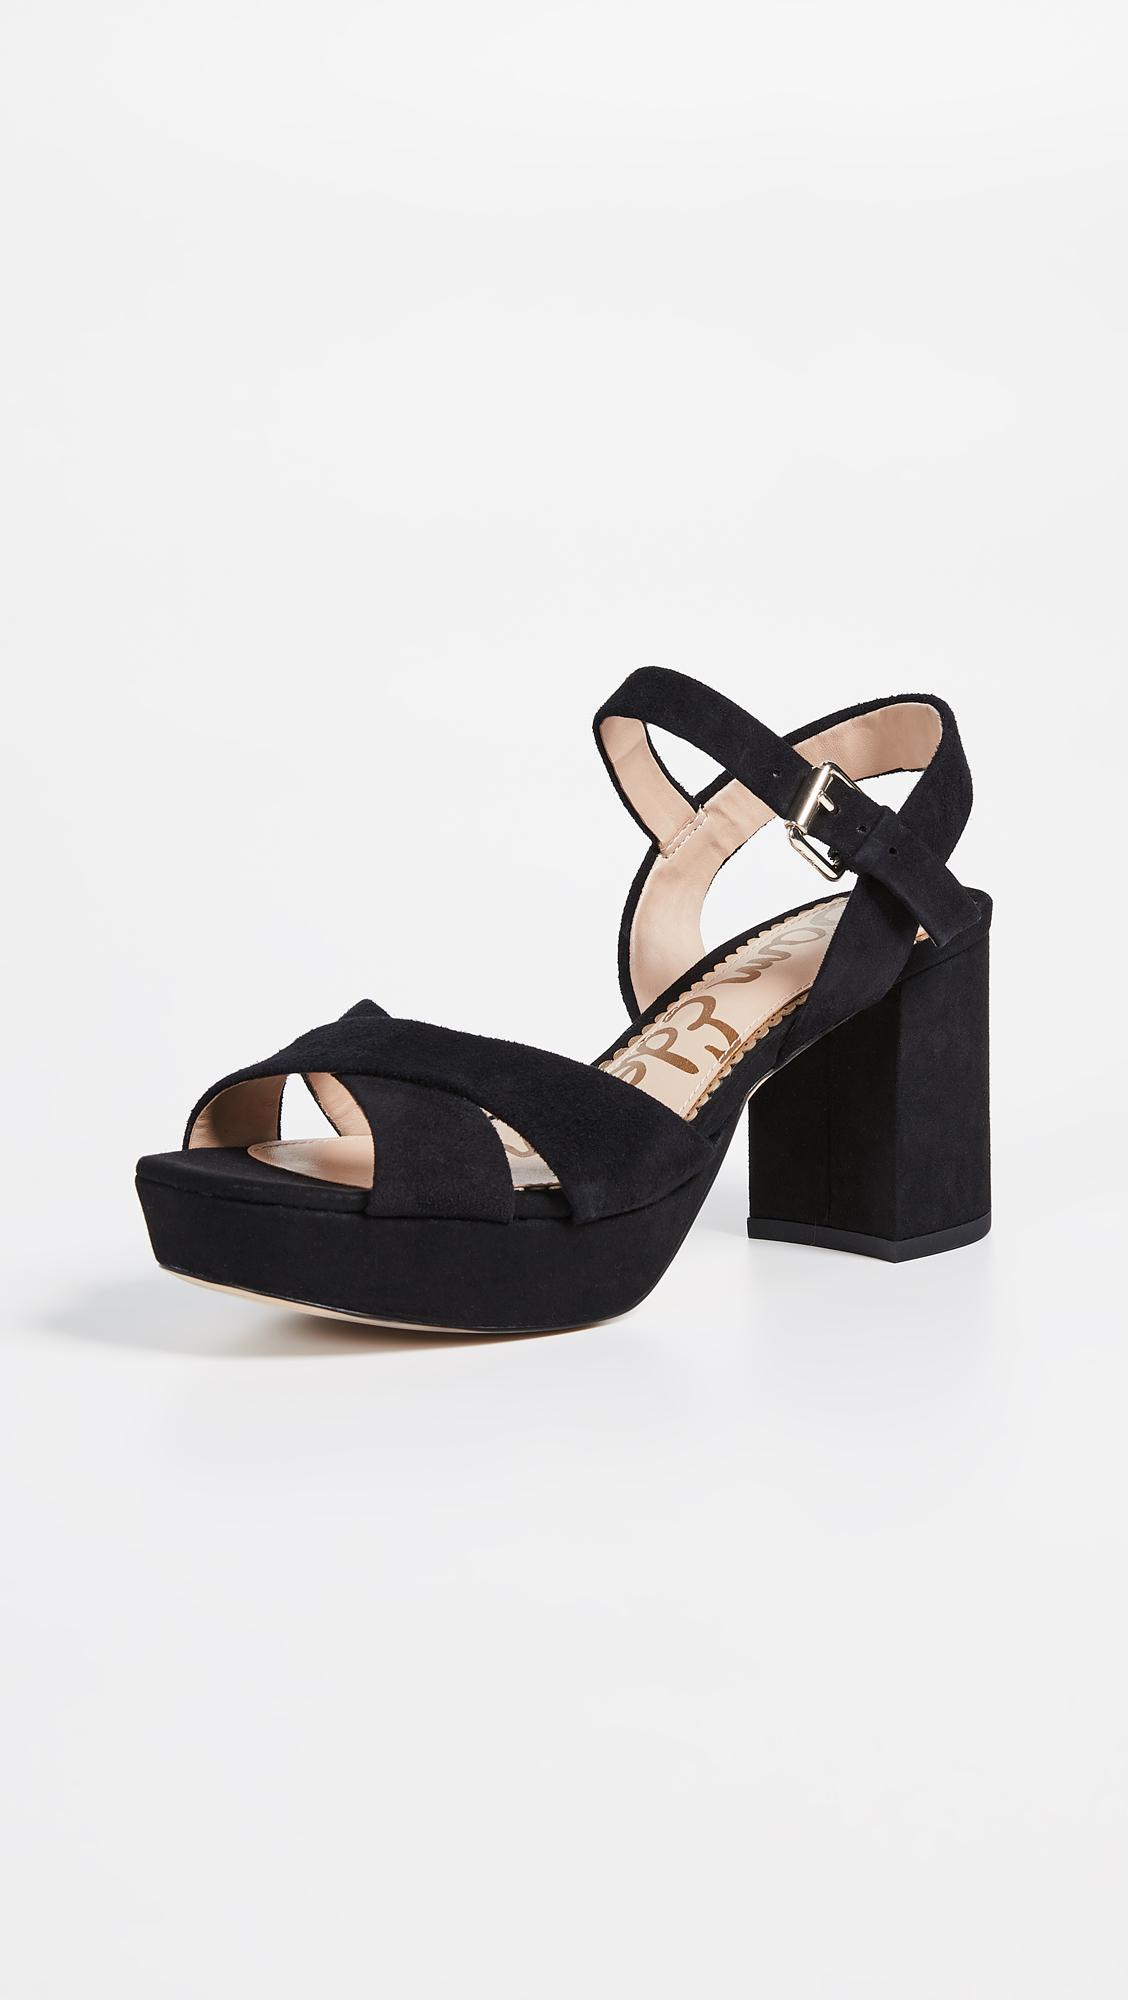 Black Sandals Lyst Edelman Platform Sam In Suede Jolene Rqc4jL35A